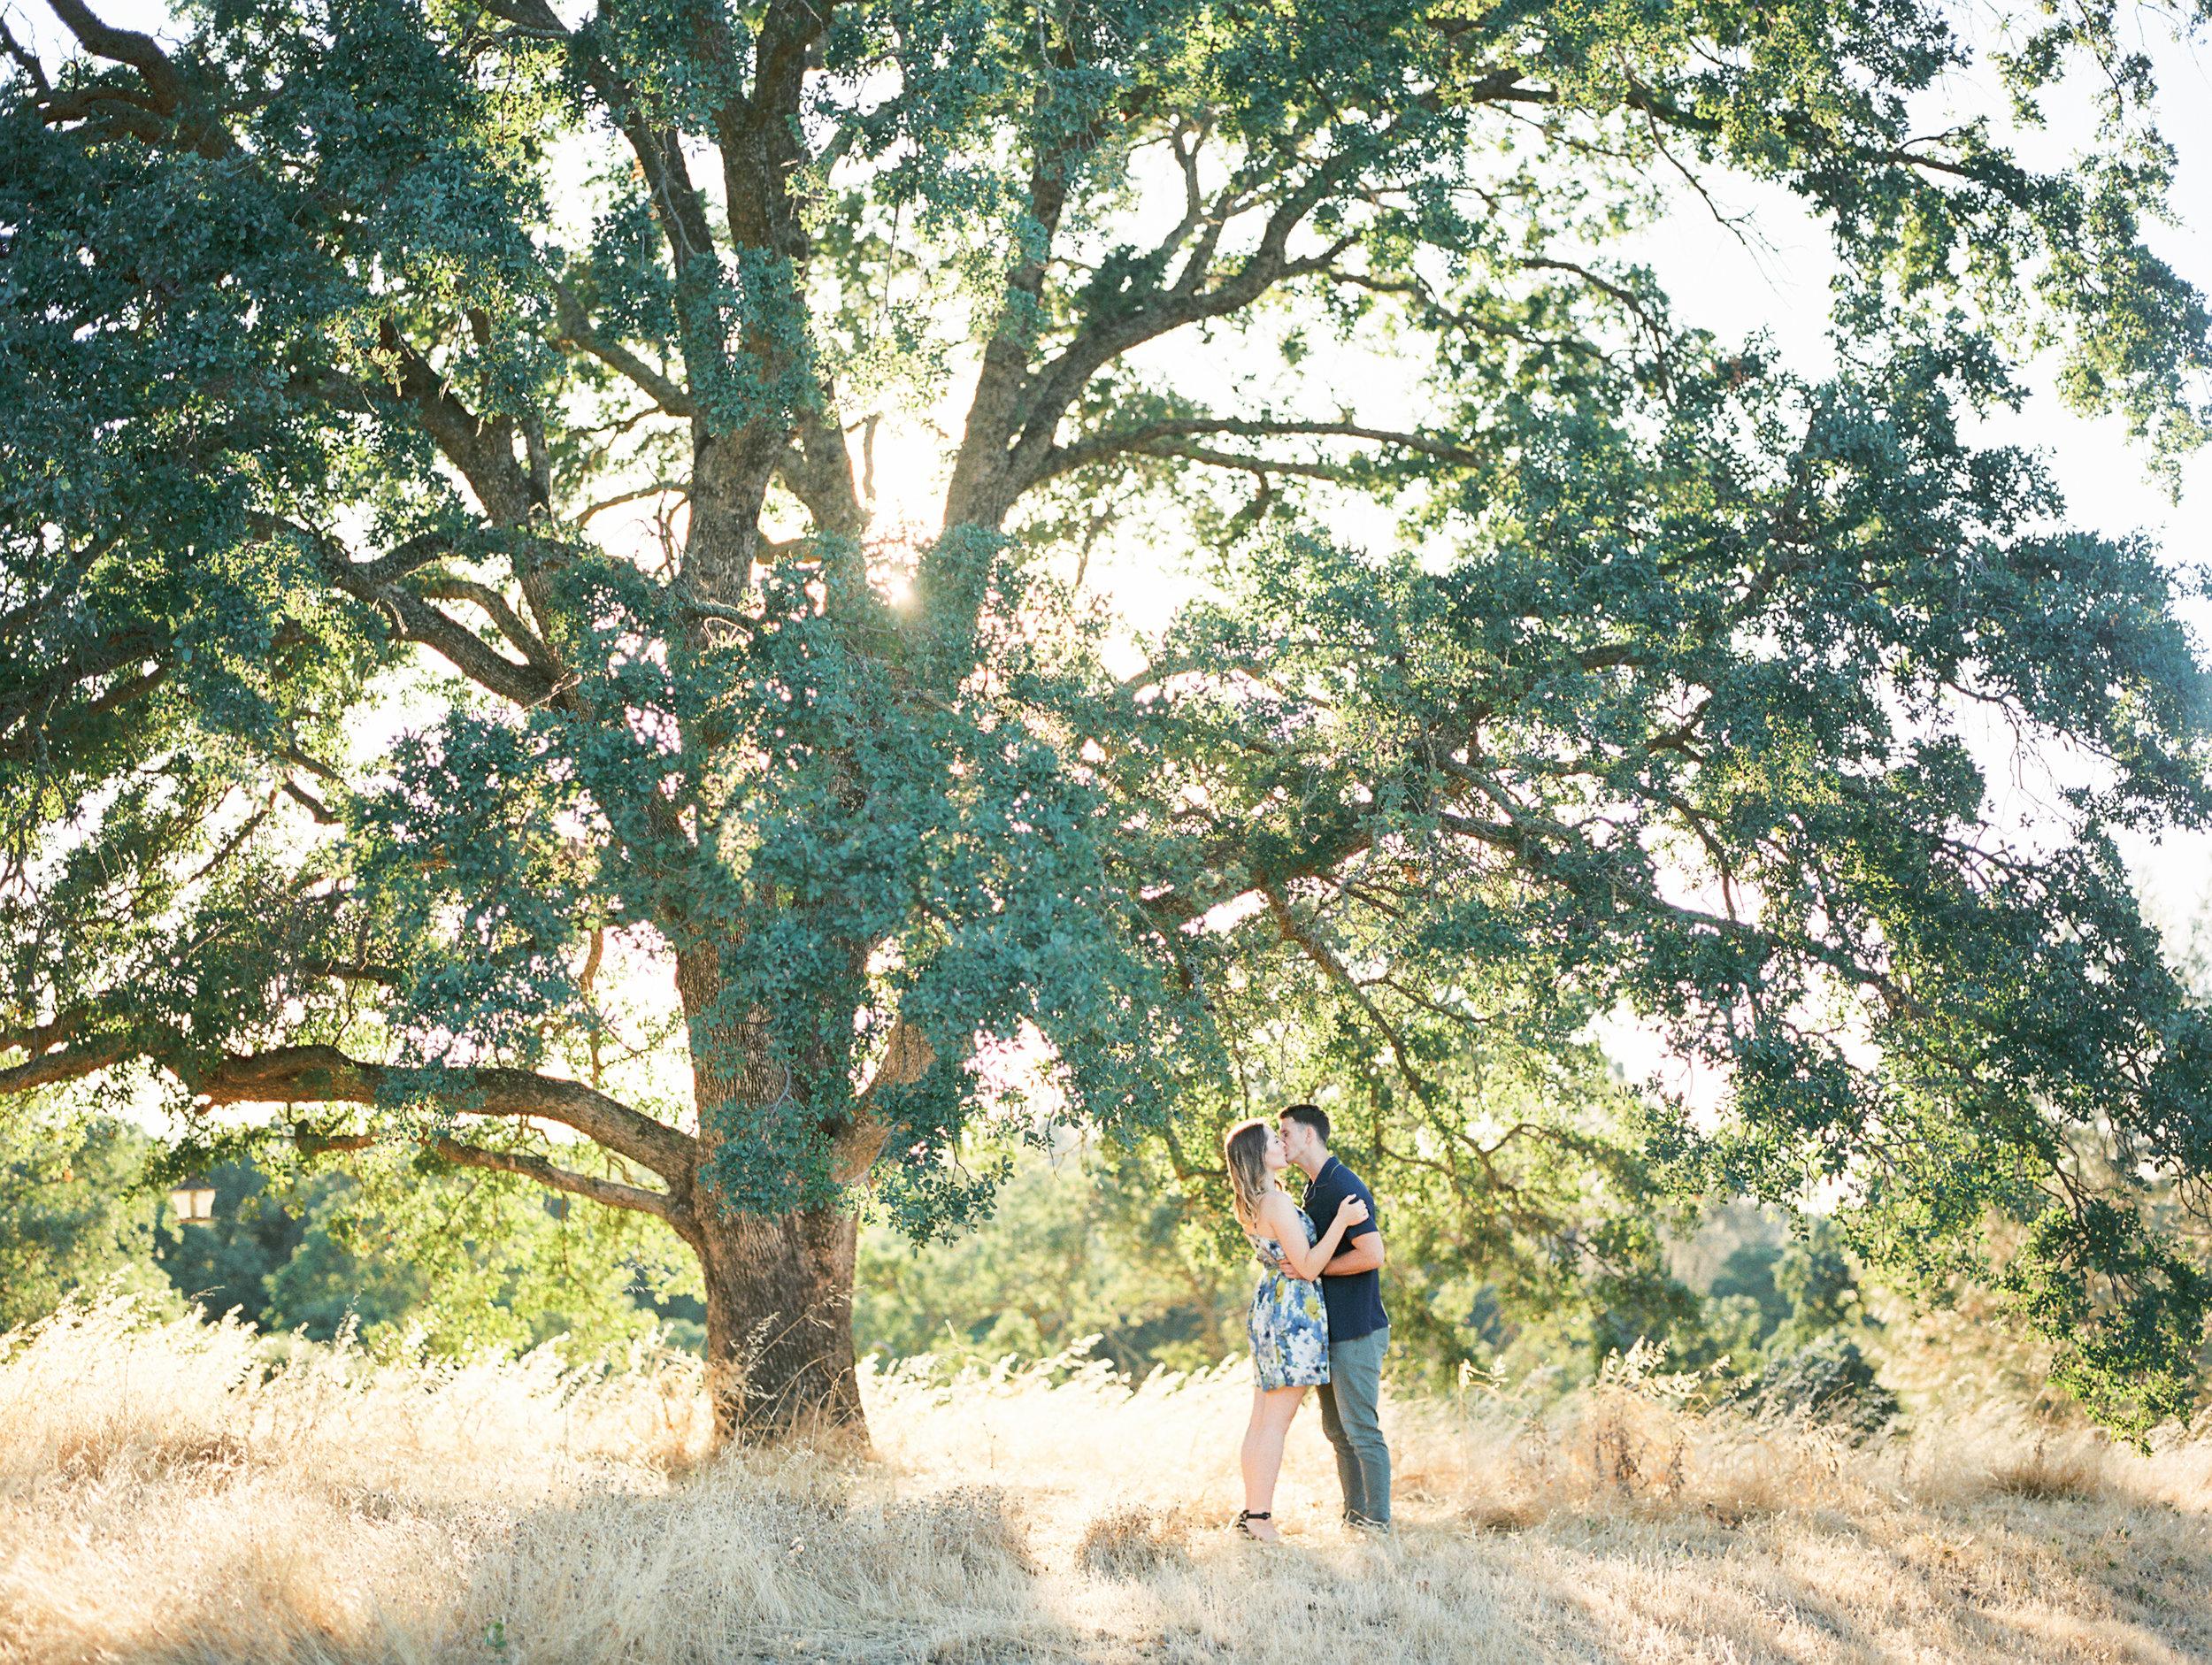 Daniel Krista Film Scans-Daniel Krista Film Scans-0002.jpg